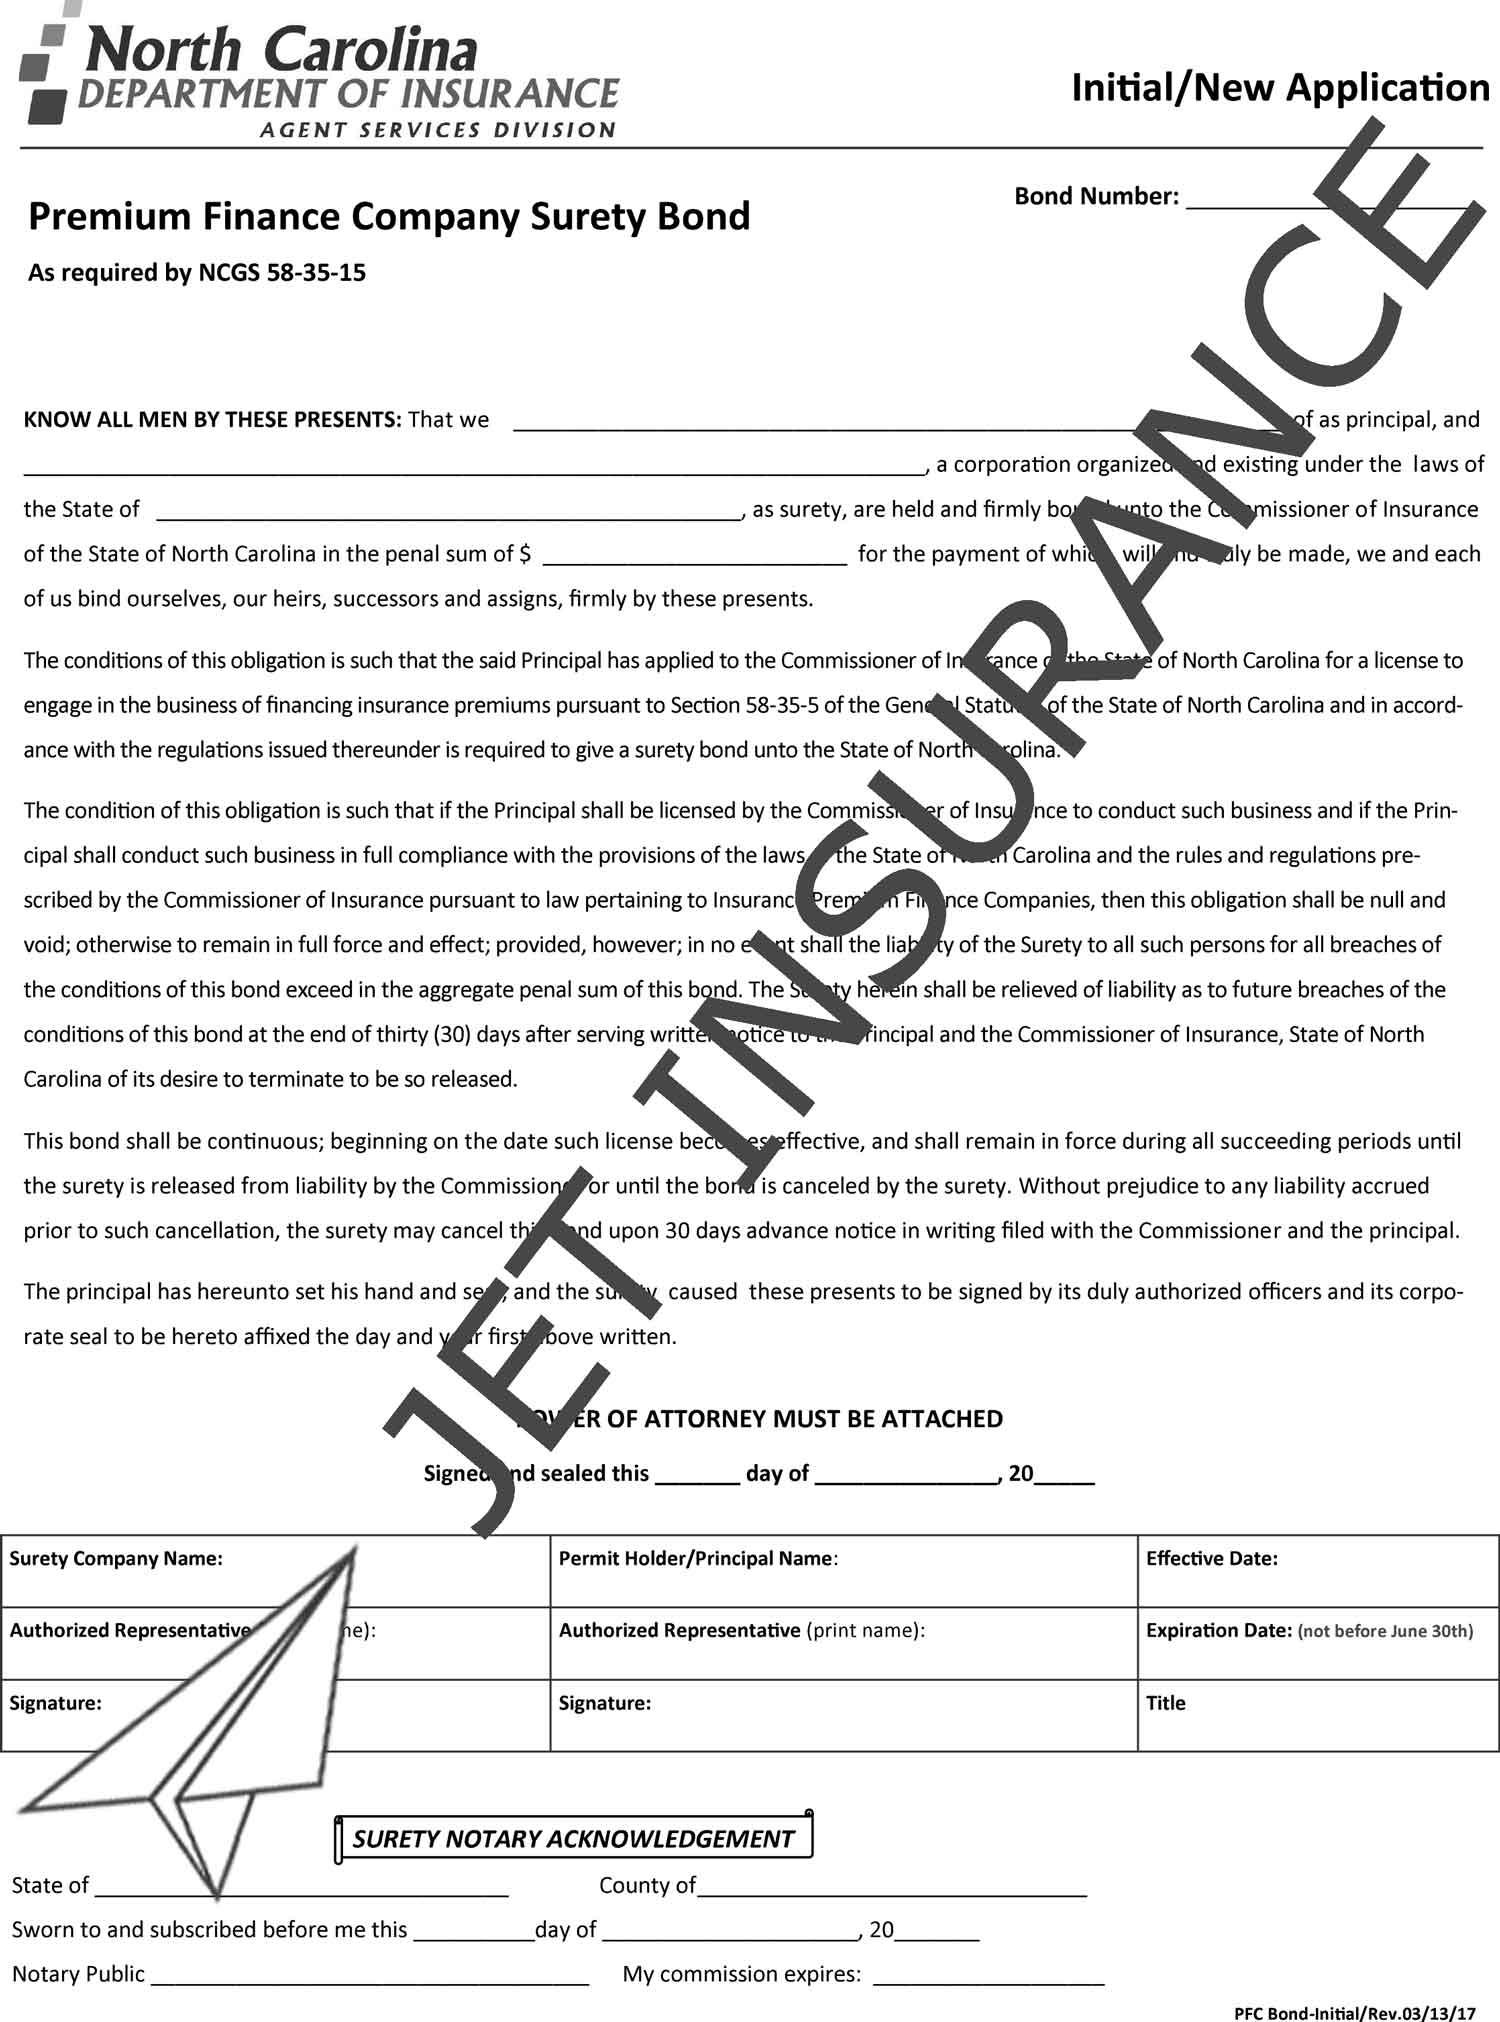 North Carolina Premium Finance Company Bond Form